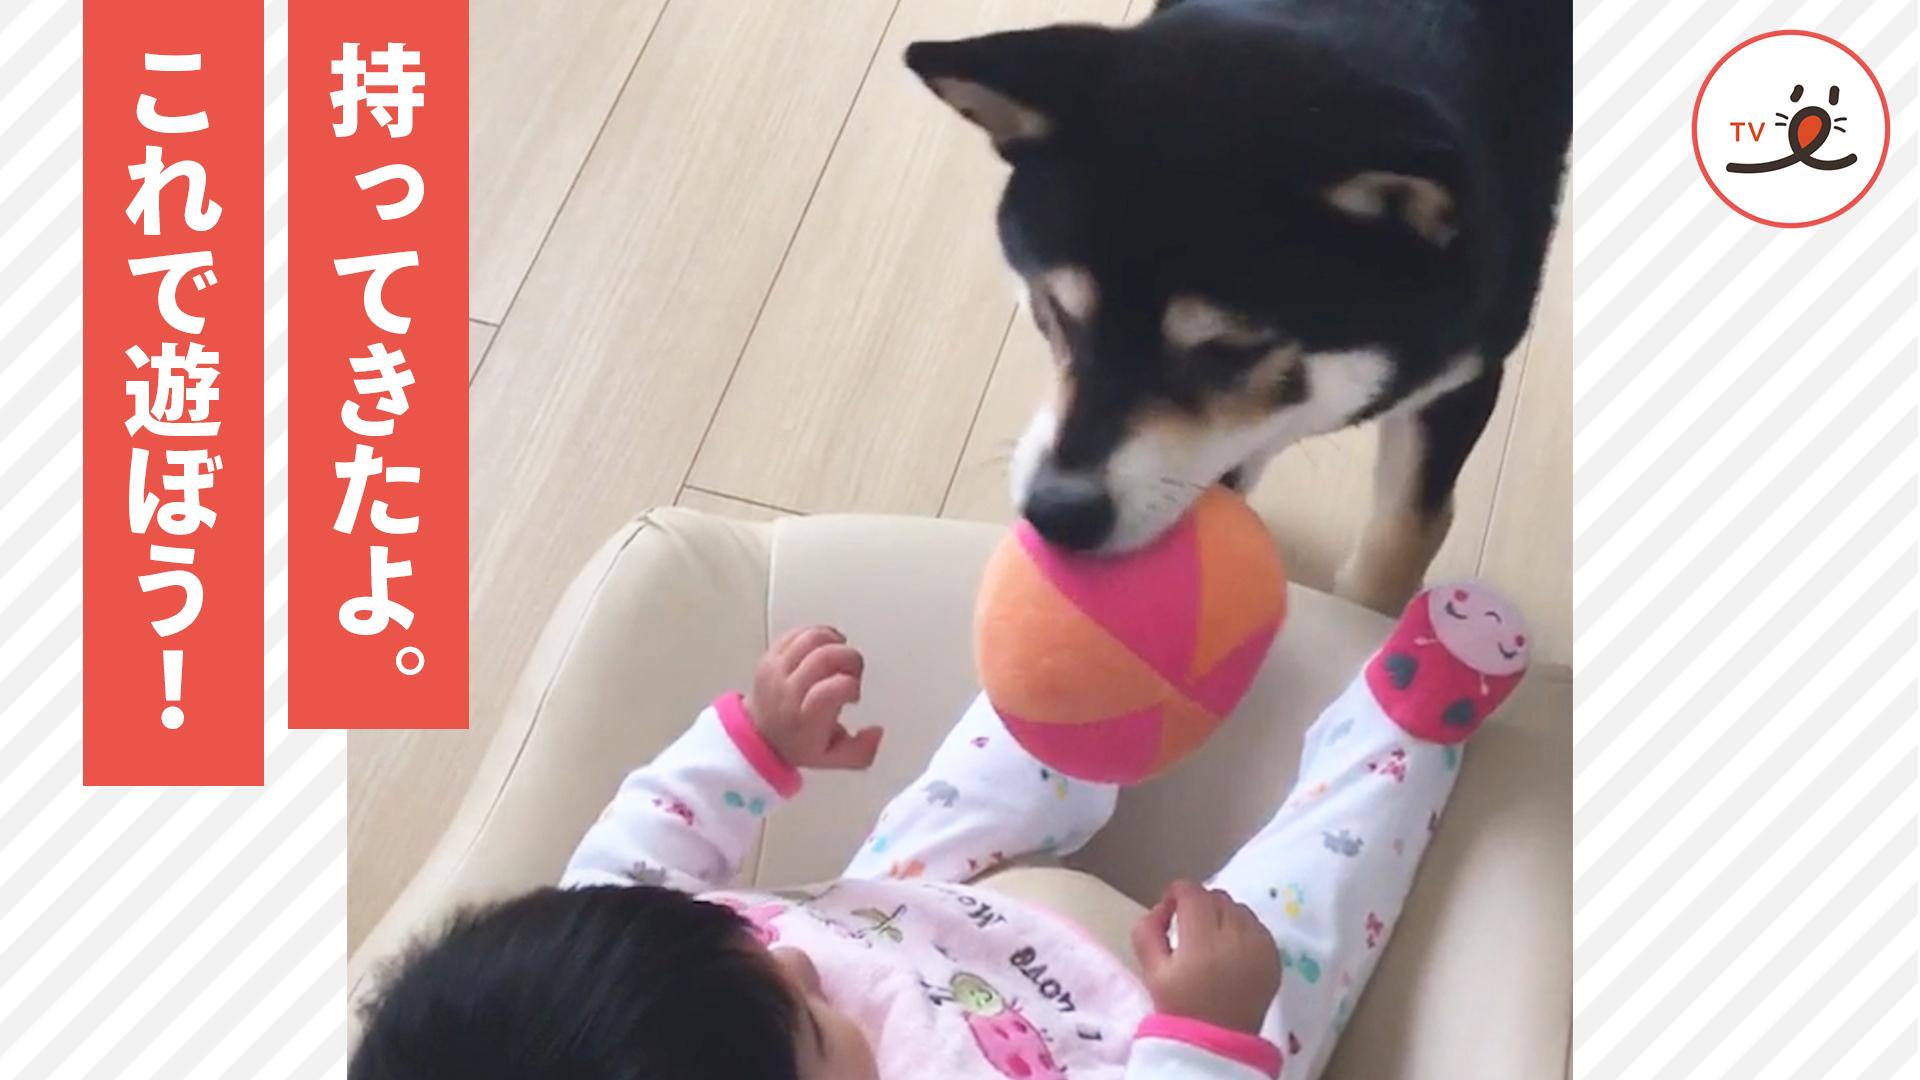 遊ぶために赤ちゃんの目の前にボールを持ってくるワンコ